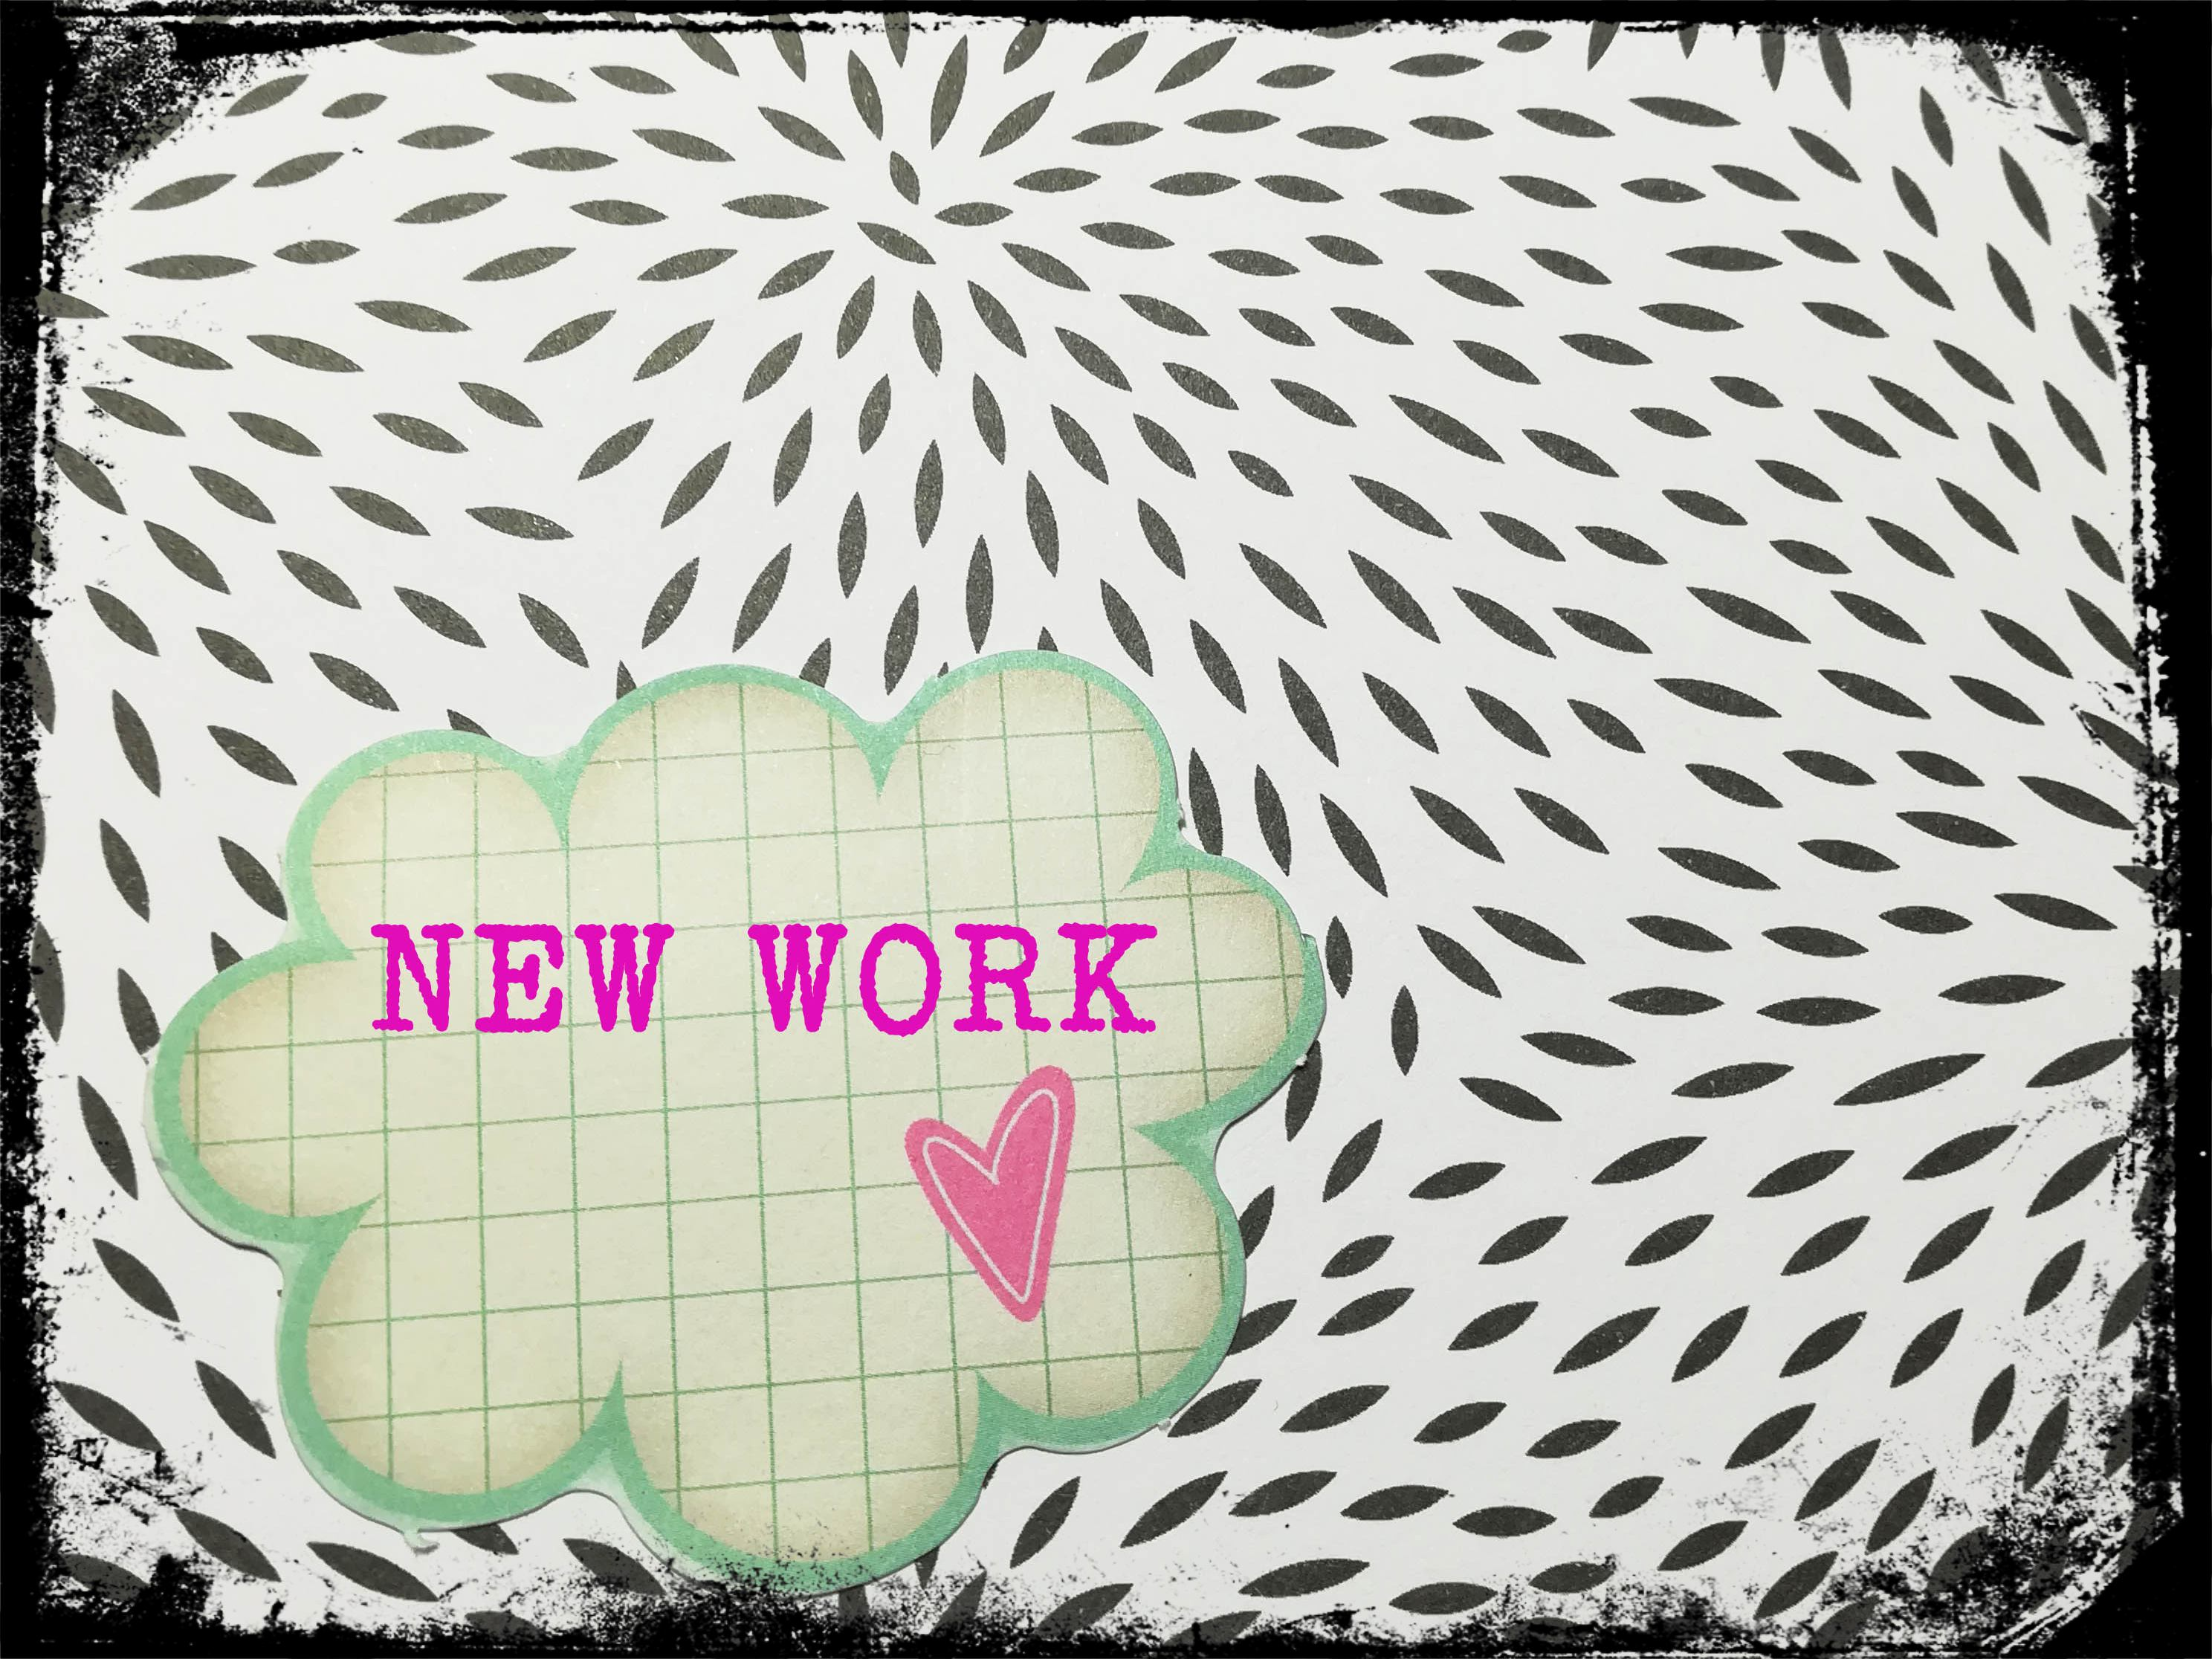 New Work ist arbeiten 4.0